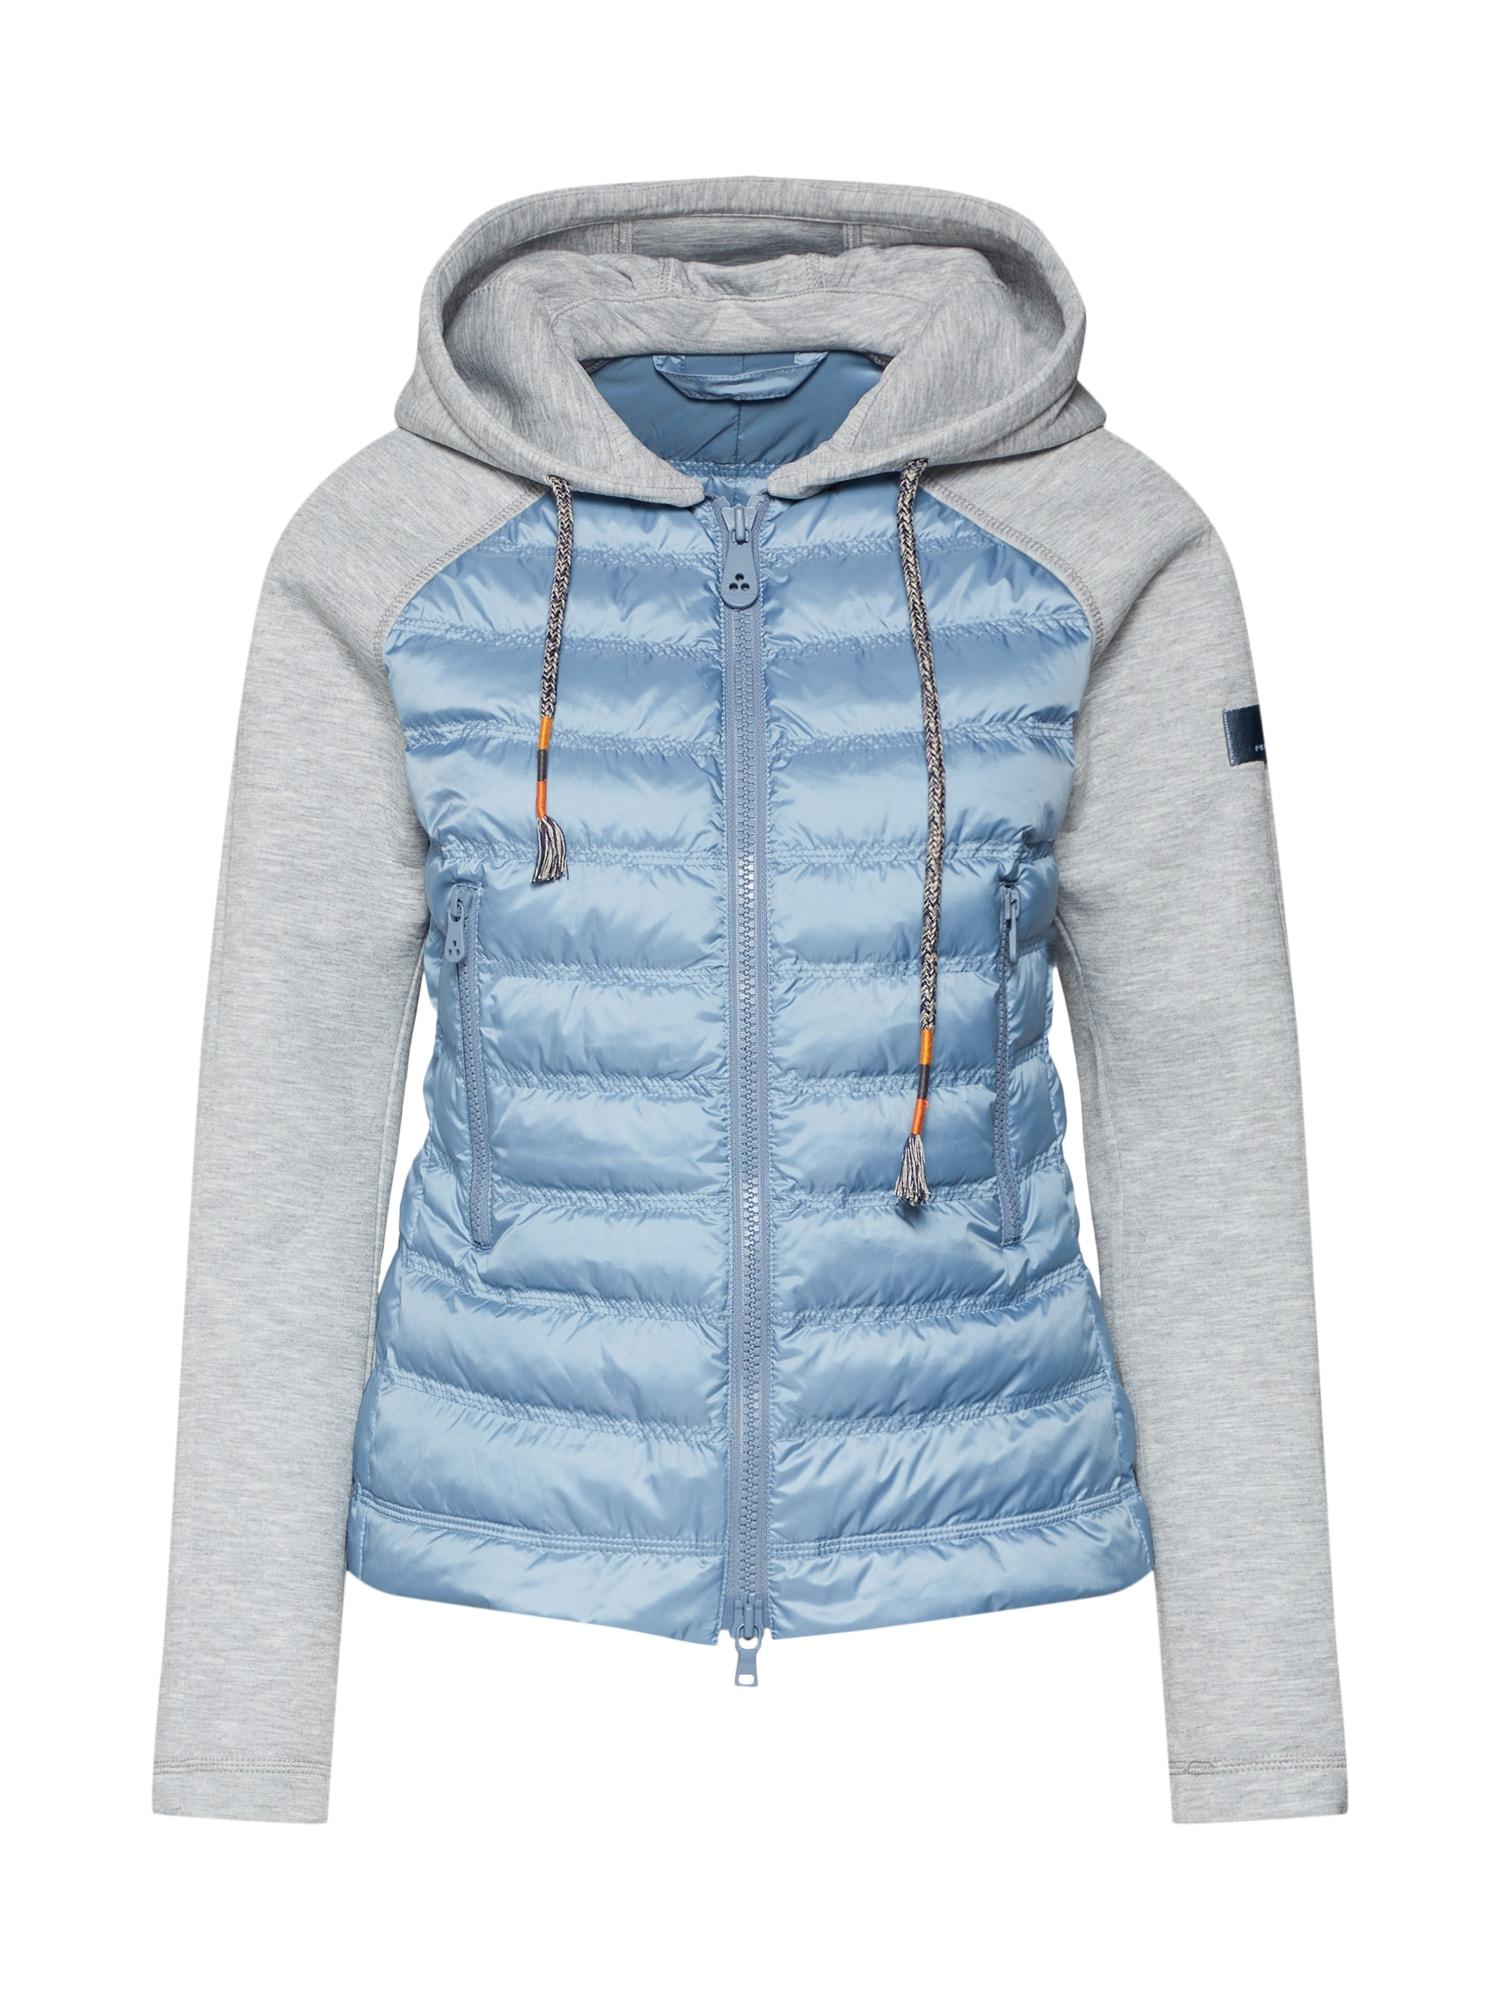 Přechodná bunda PICNIC  modrá šedá Peuterey